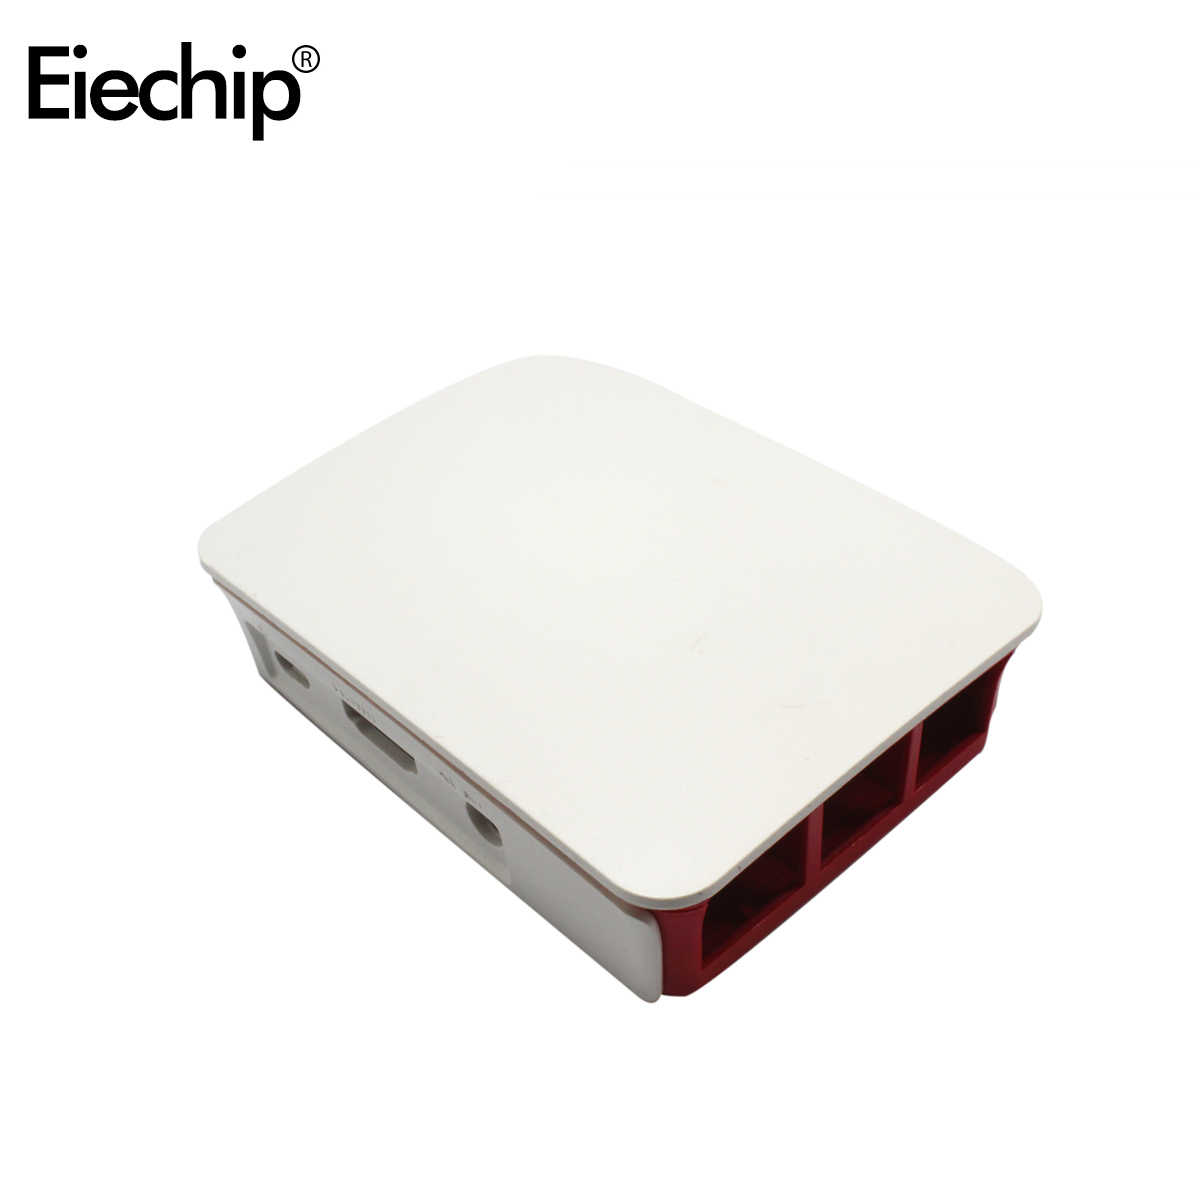 Dla przypadku Raspberry Pi oficjalna czerwona biała obudowa z tworzywa sztucznego ABS obudowa obudowa obudowa Diy elektroniczna dla Raspberry 3 Box